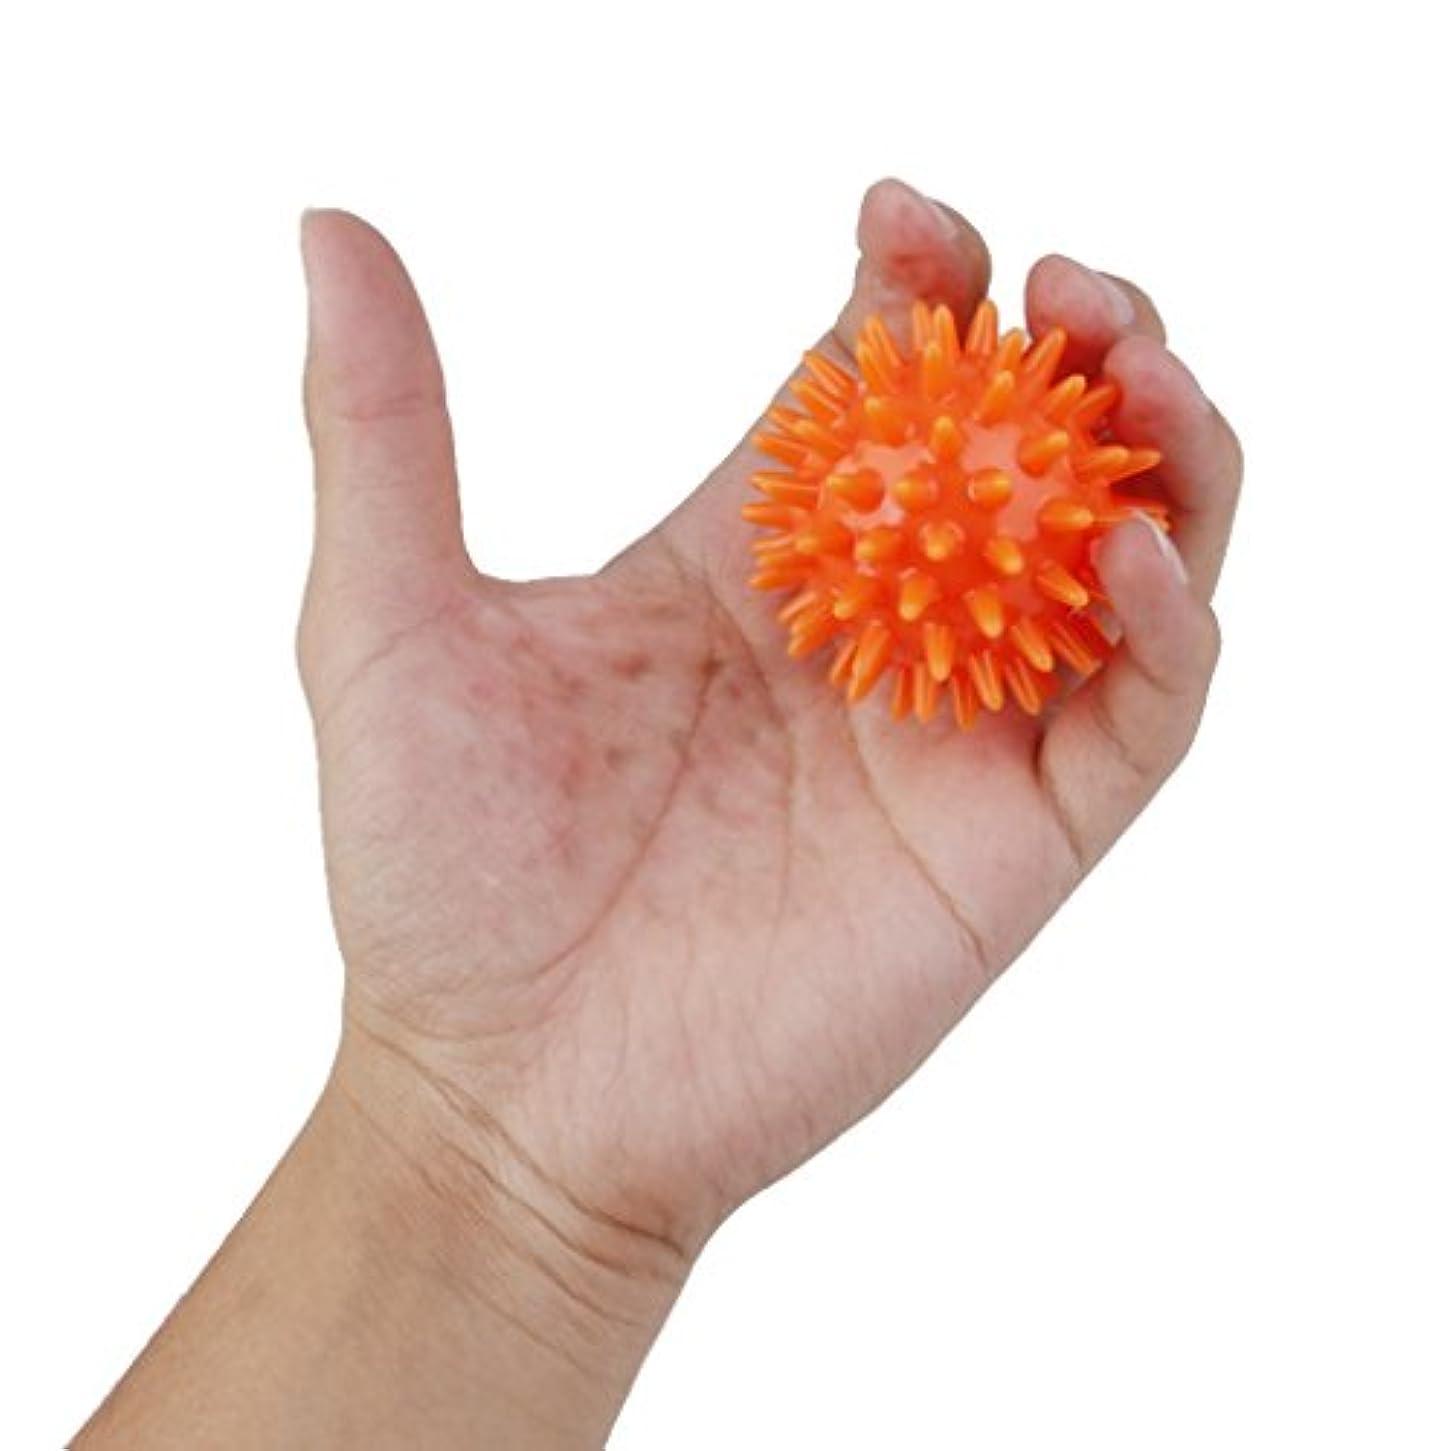 せっかち決定する雇うBaosity マッサージボール 手のひら 足 腕 首 背中 足首 ダーク フック側 マッサージ 疲れ 緩和 オレンジ